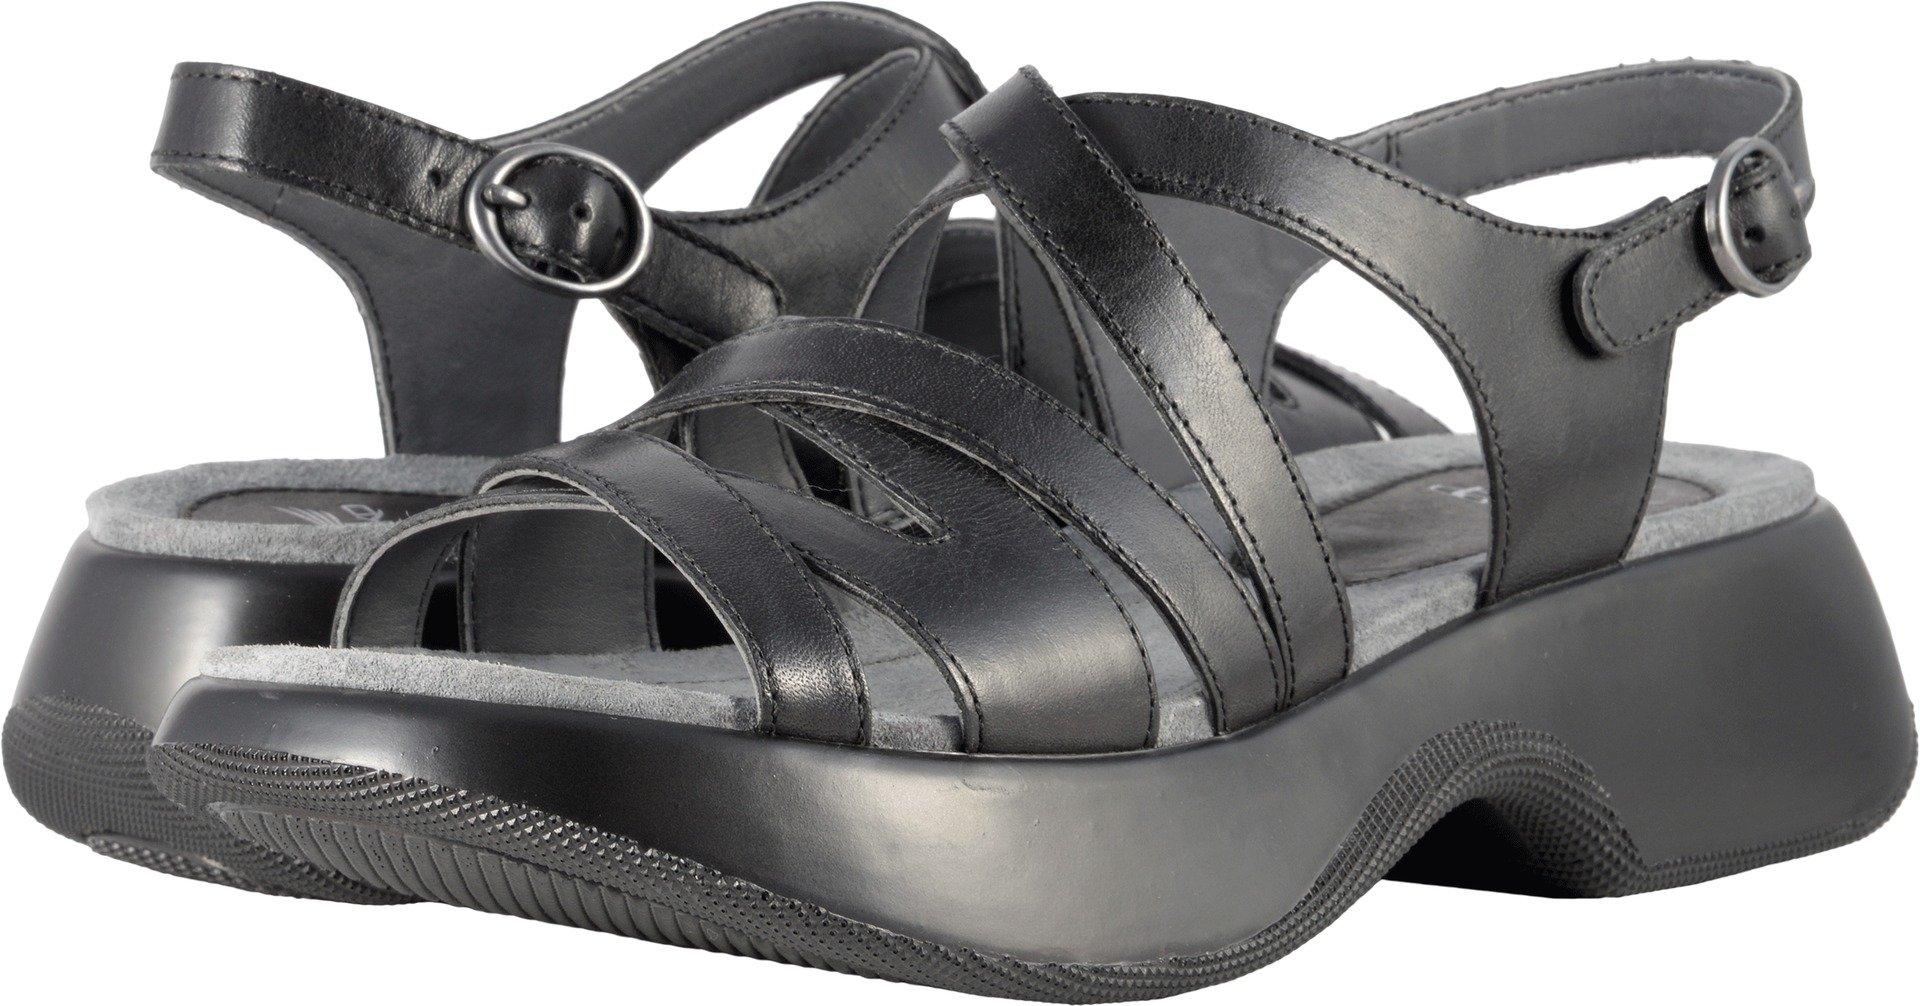 Dansko Women's Lolita Sandal, Black Full Grain, 36 M EU (5.5-6 US)